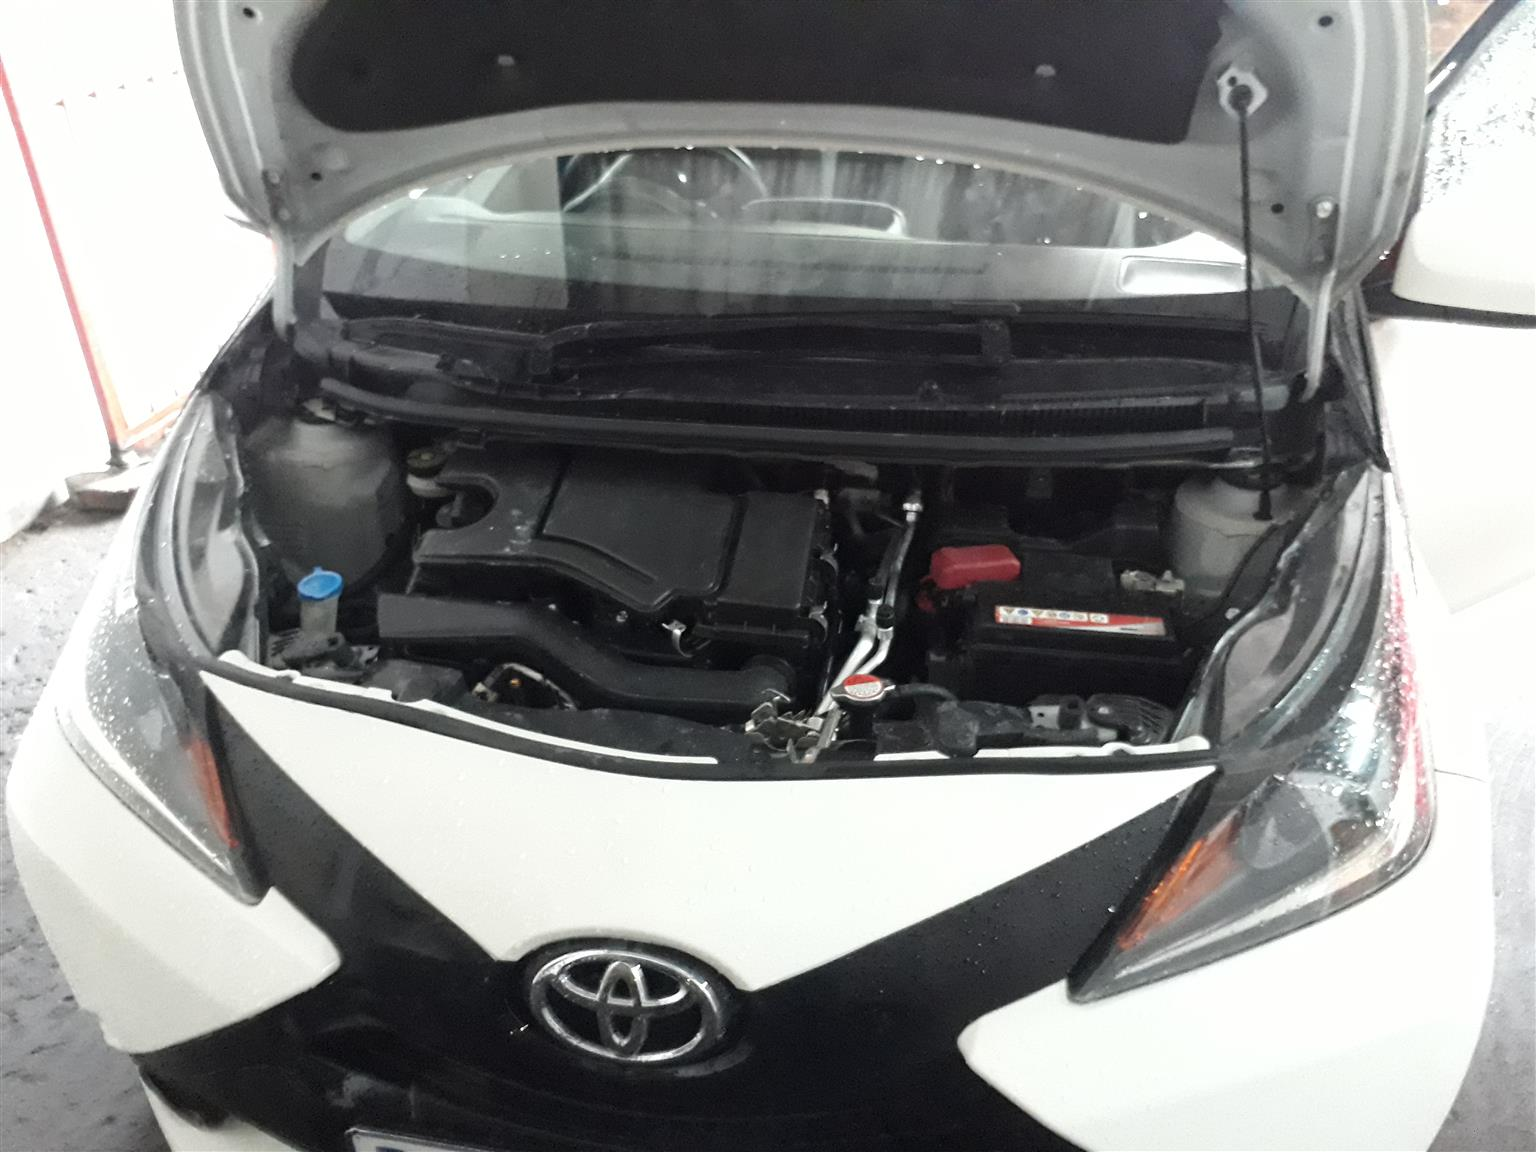 2018 Toyota Aygo hatch AYGO 1.0 X CITE (5DR)